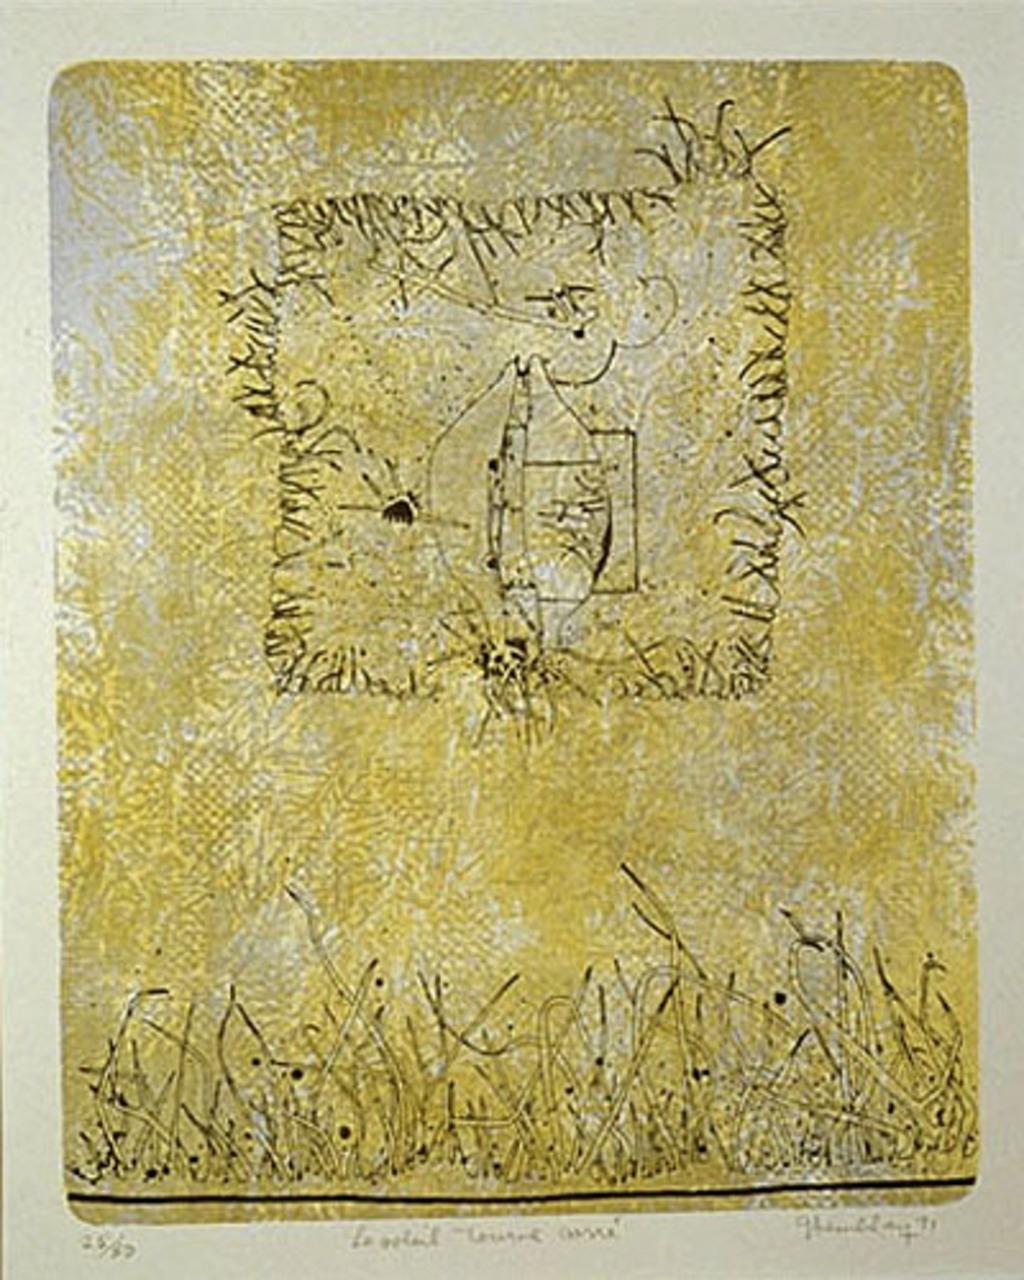 Le soleil tourne carré, du livre d'artiste «Hommage à Albert Dumouchel»